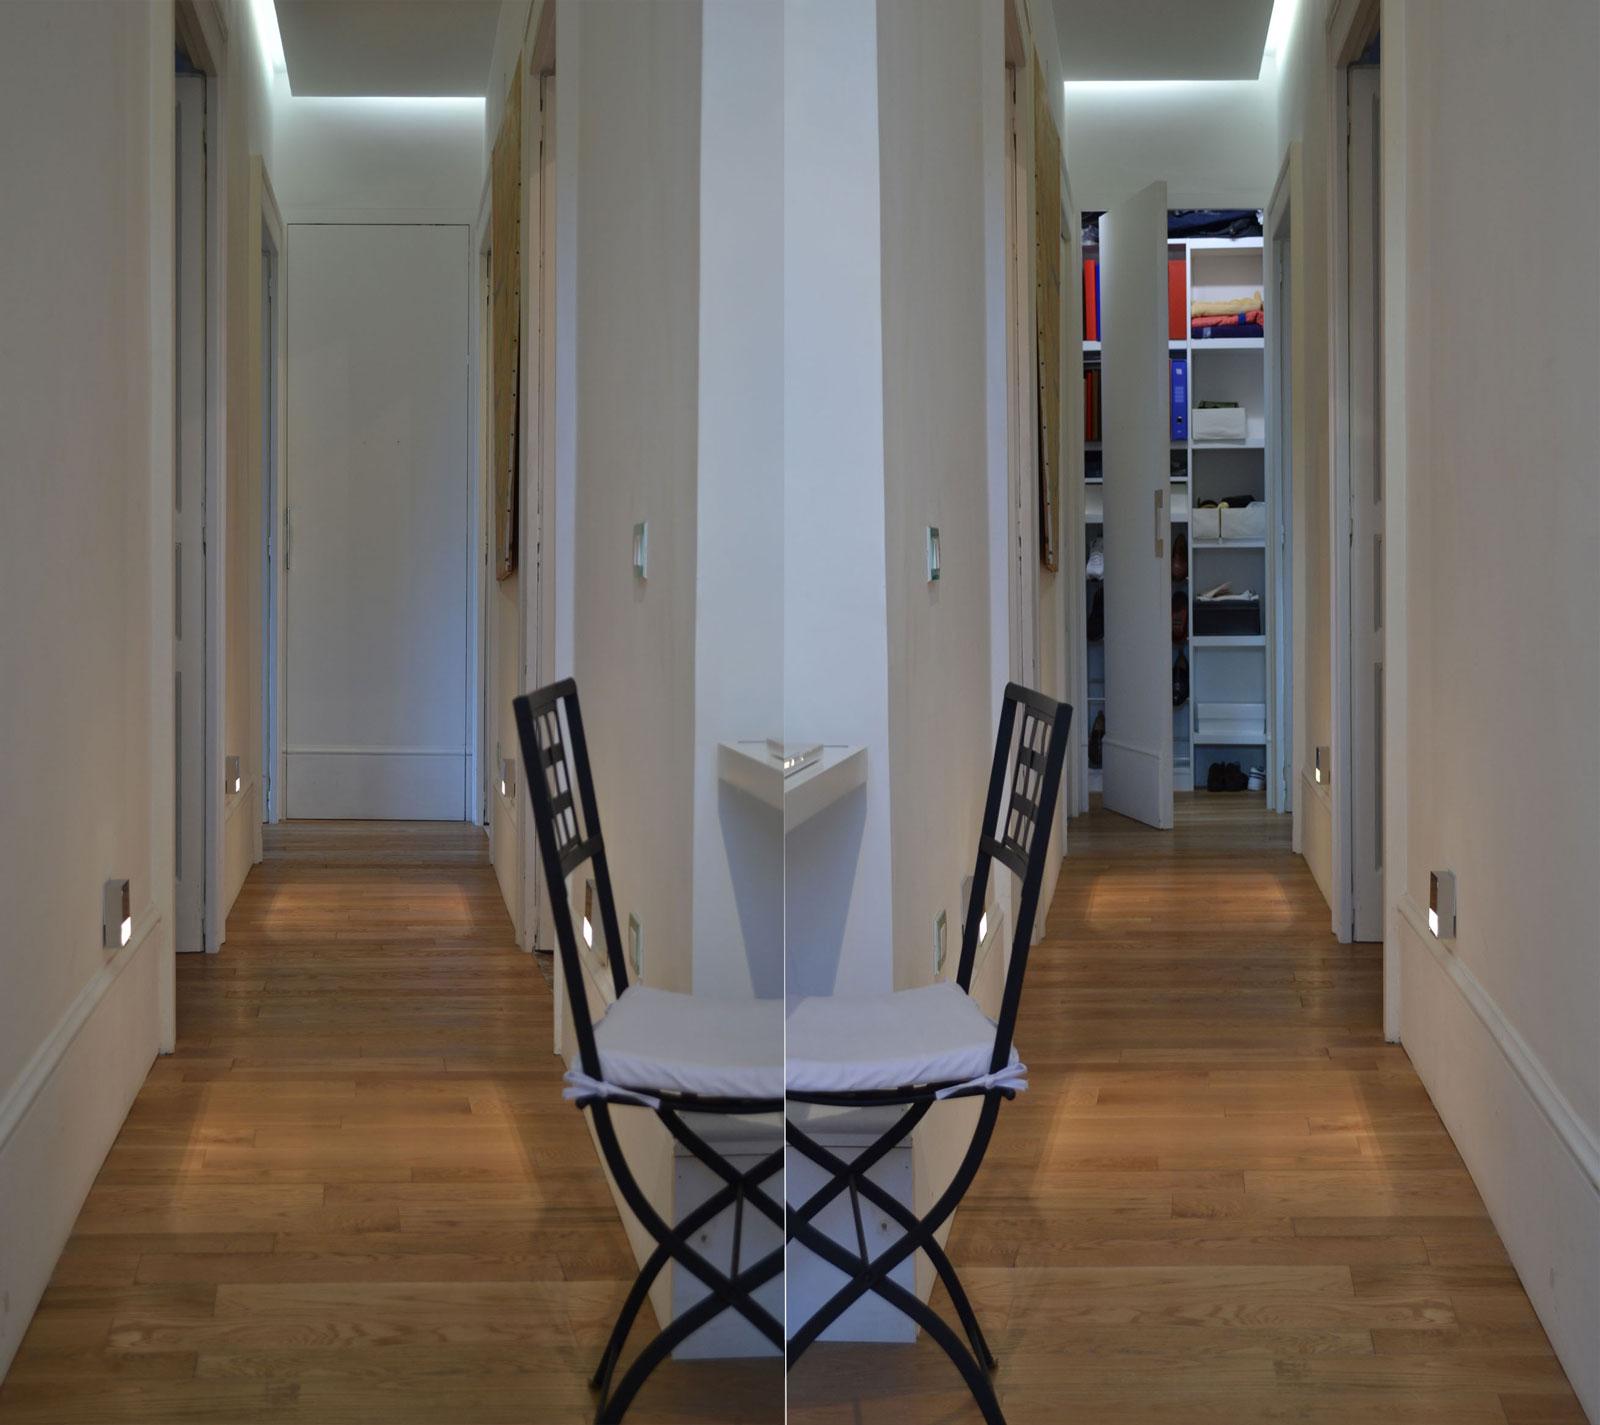 Porta in legno artigianale modello rototraslante napoli - Porta in legno tamburato ...